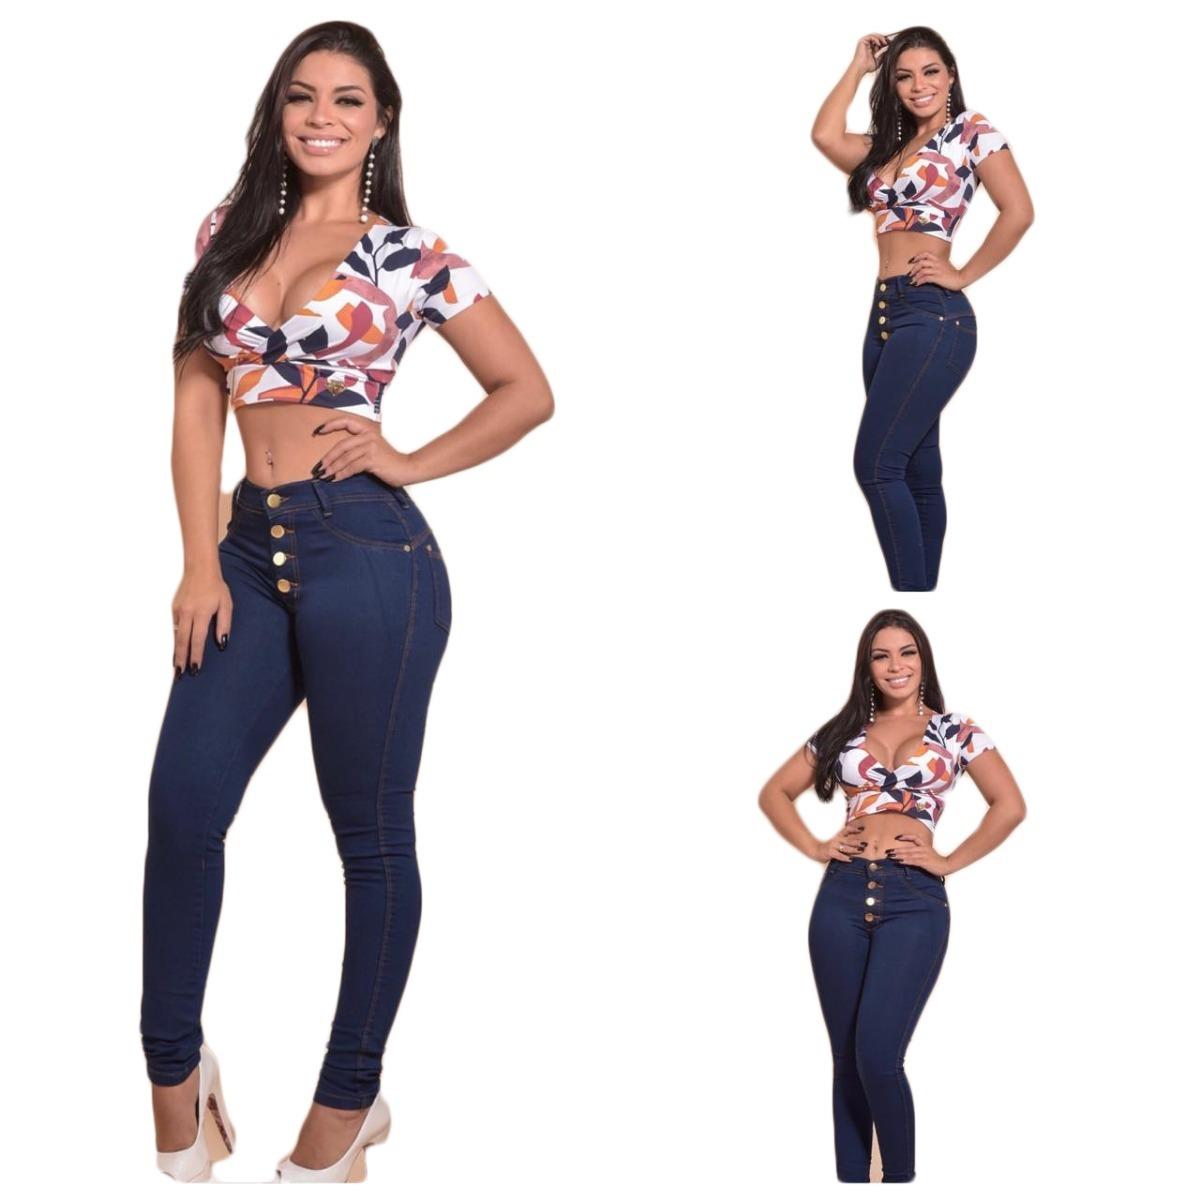 e34473688 calça jeans cintura alta feminina hot pants levanta bumbum. Carregando zoom.